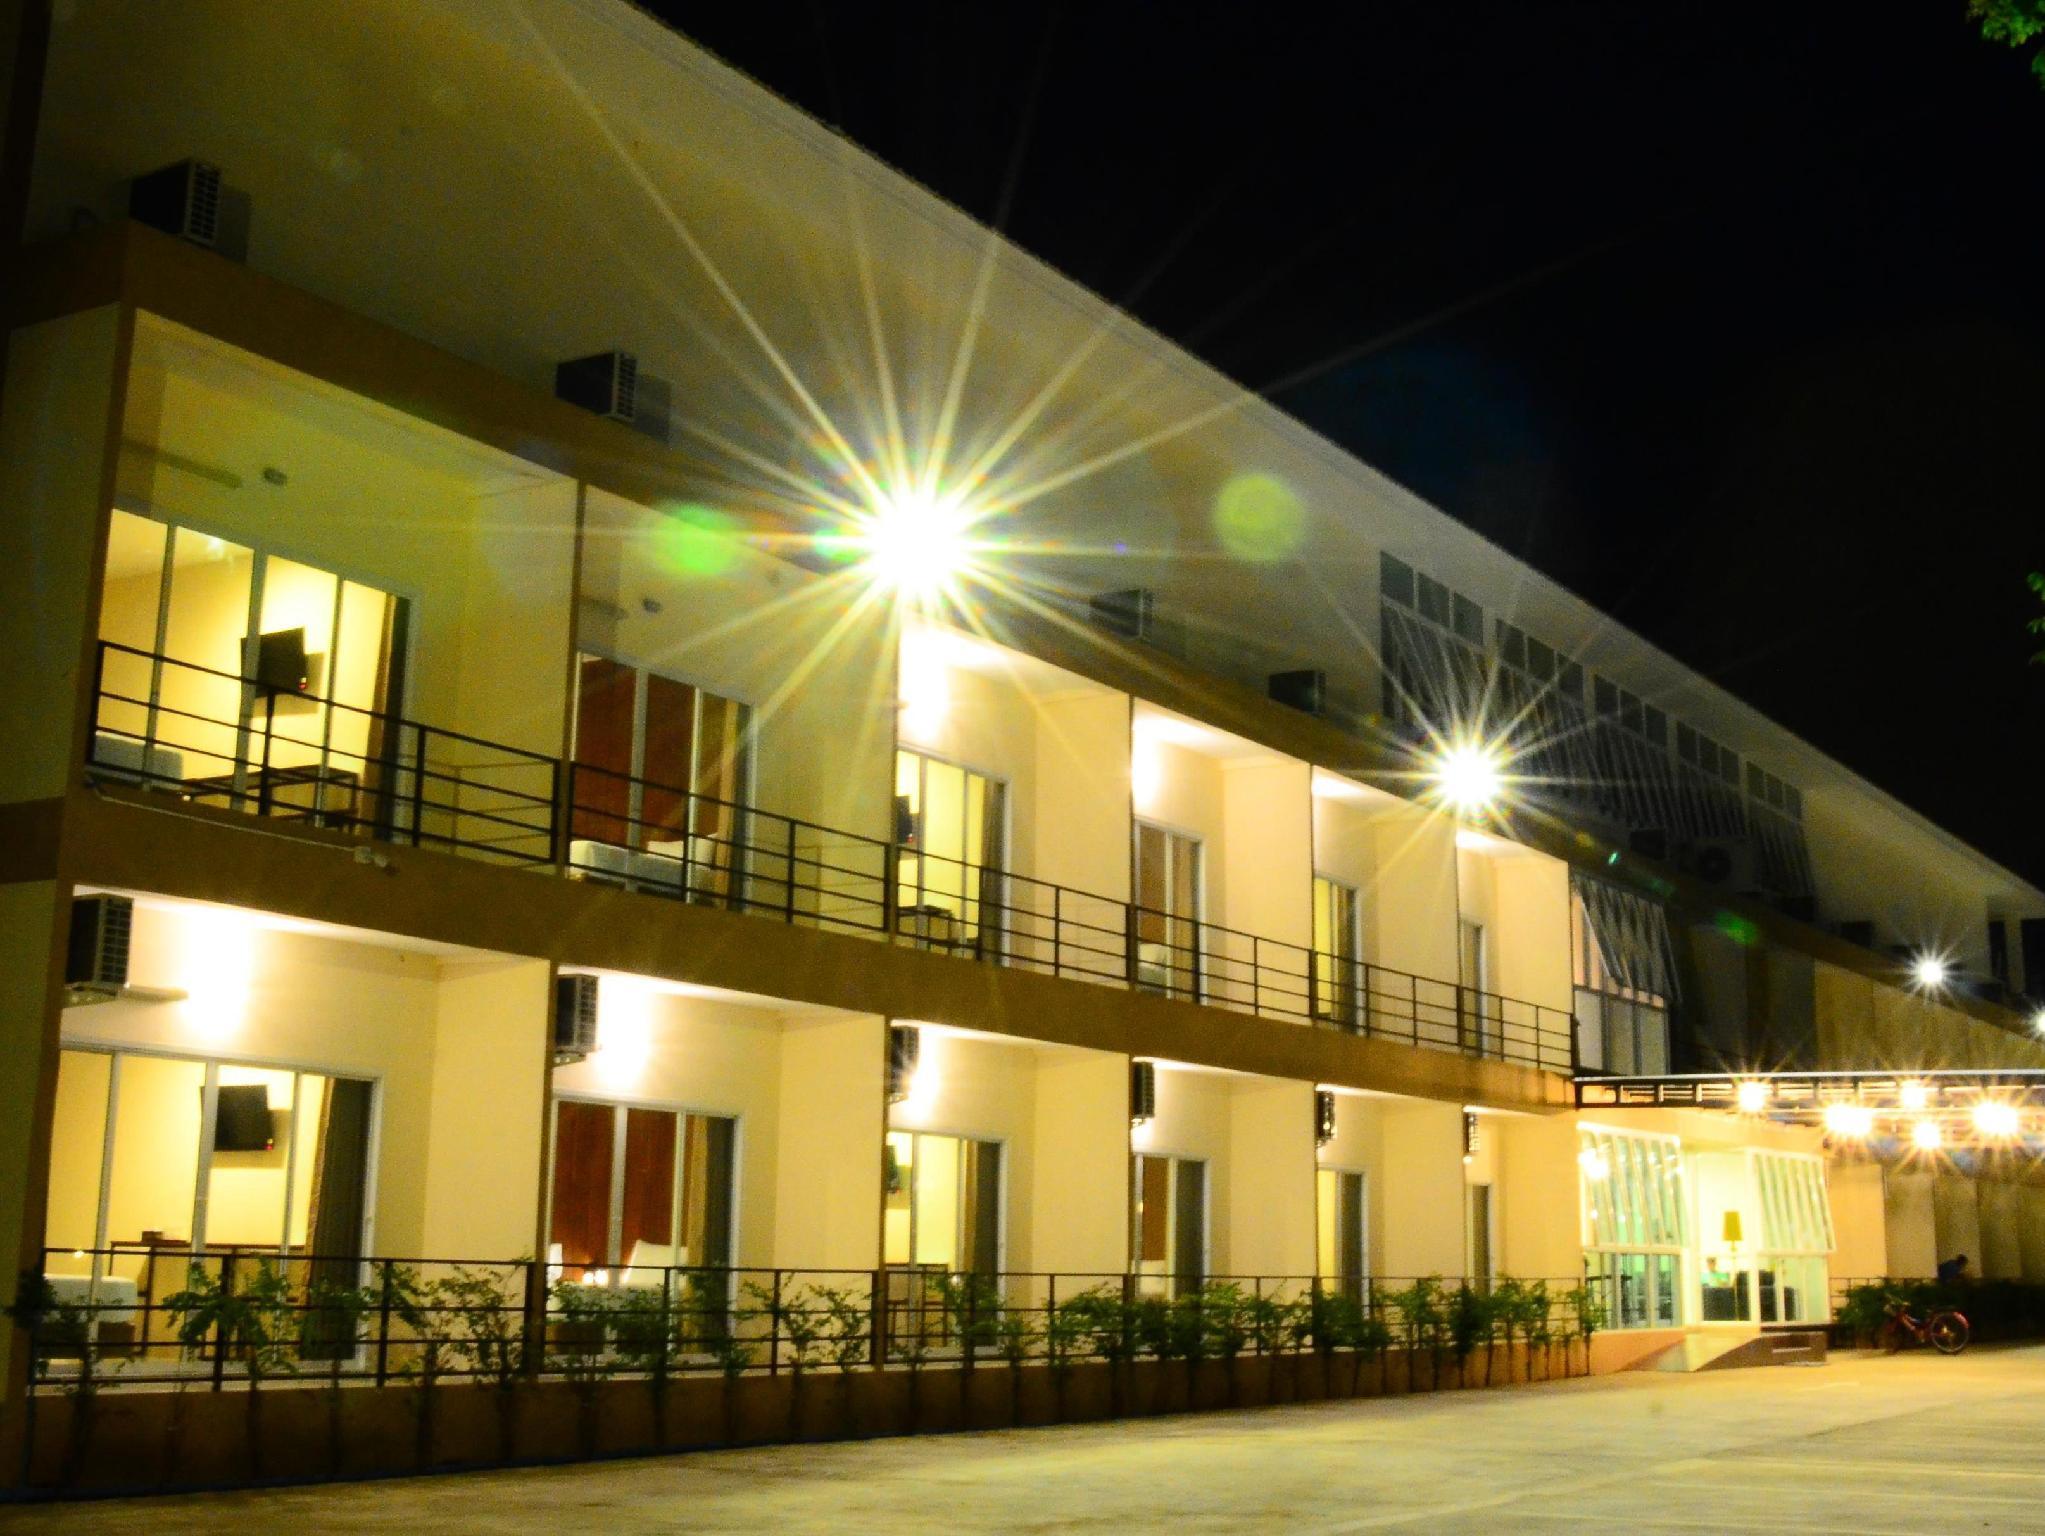 The Pavilion Hotel and Village, Muang Nakhon Sawan